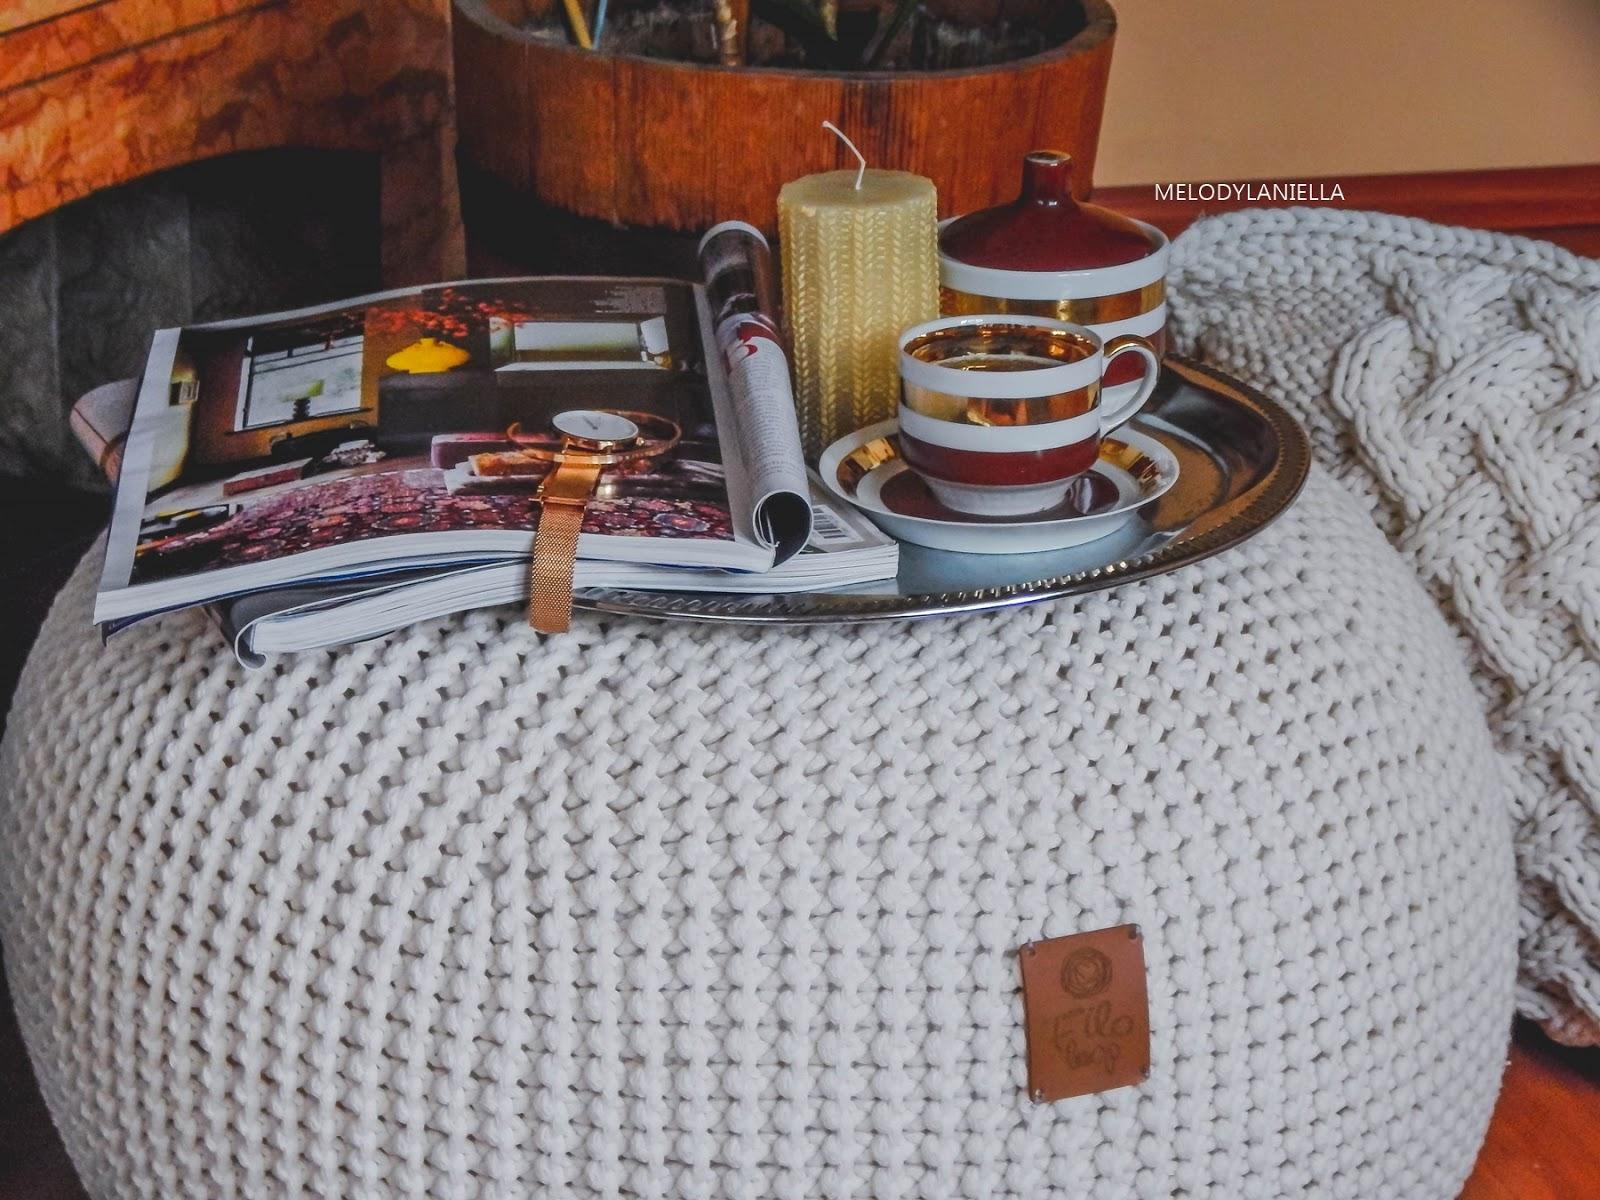 11 filo loop pomysł na biznes iwona trocka pufy poduszki warsztaty handmade robienia na drutach pledy koce shoper bag ze sznurka pomysł na prezent wystrój wnętrz design dodatki do mieszkań i domów handmade